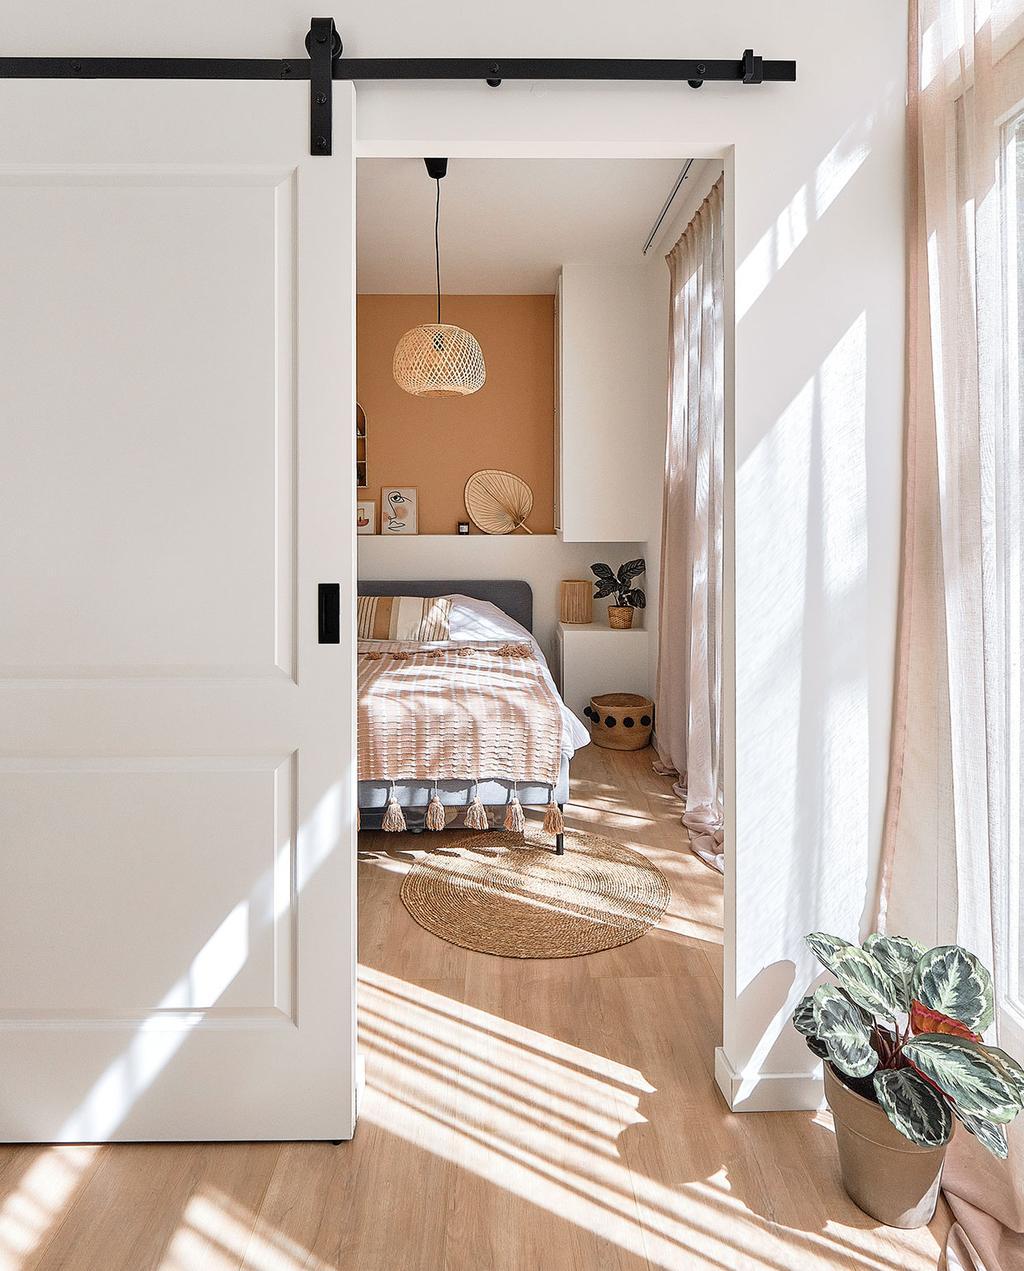 vtwonen special tiny houses | kijkje in de slaapkamer met terra wand